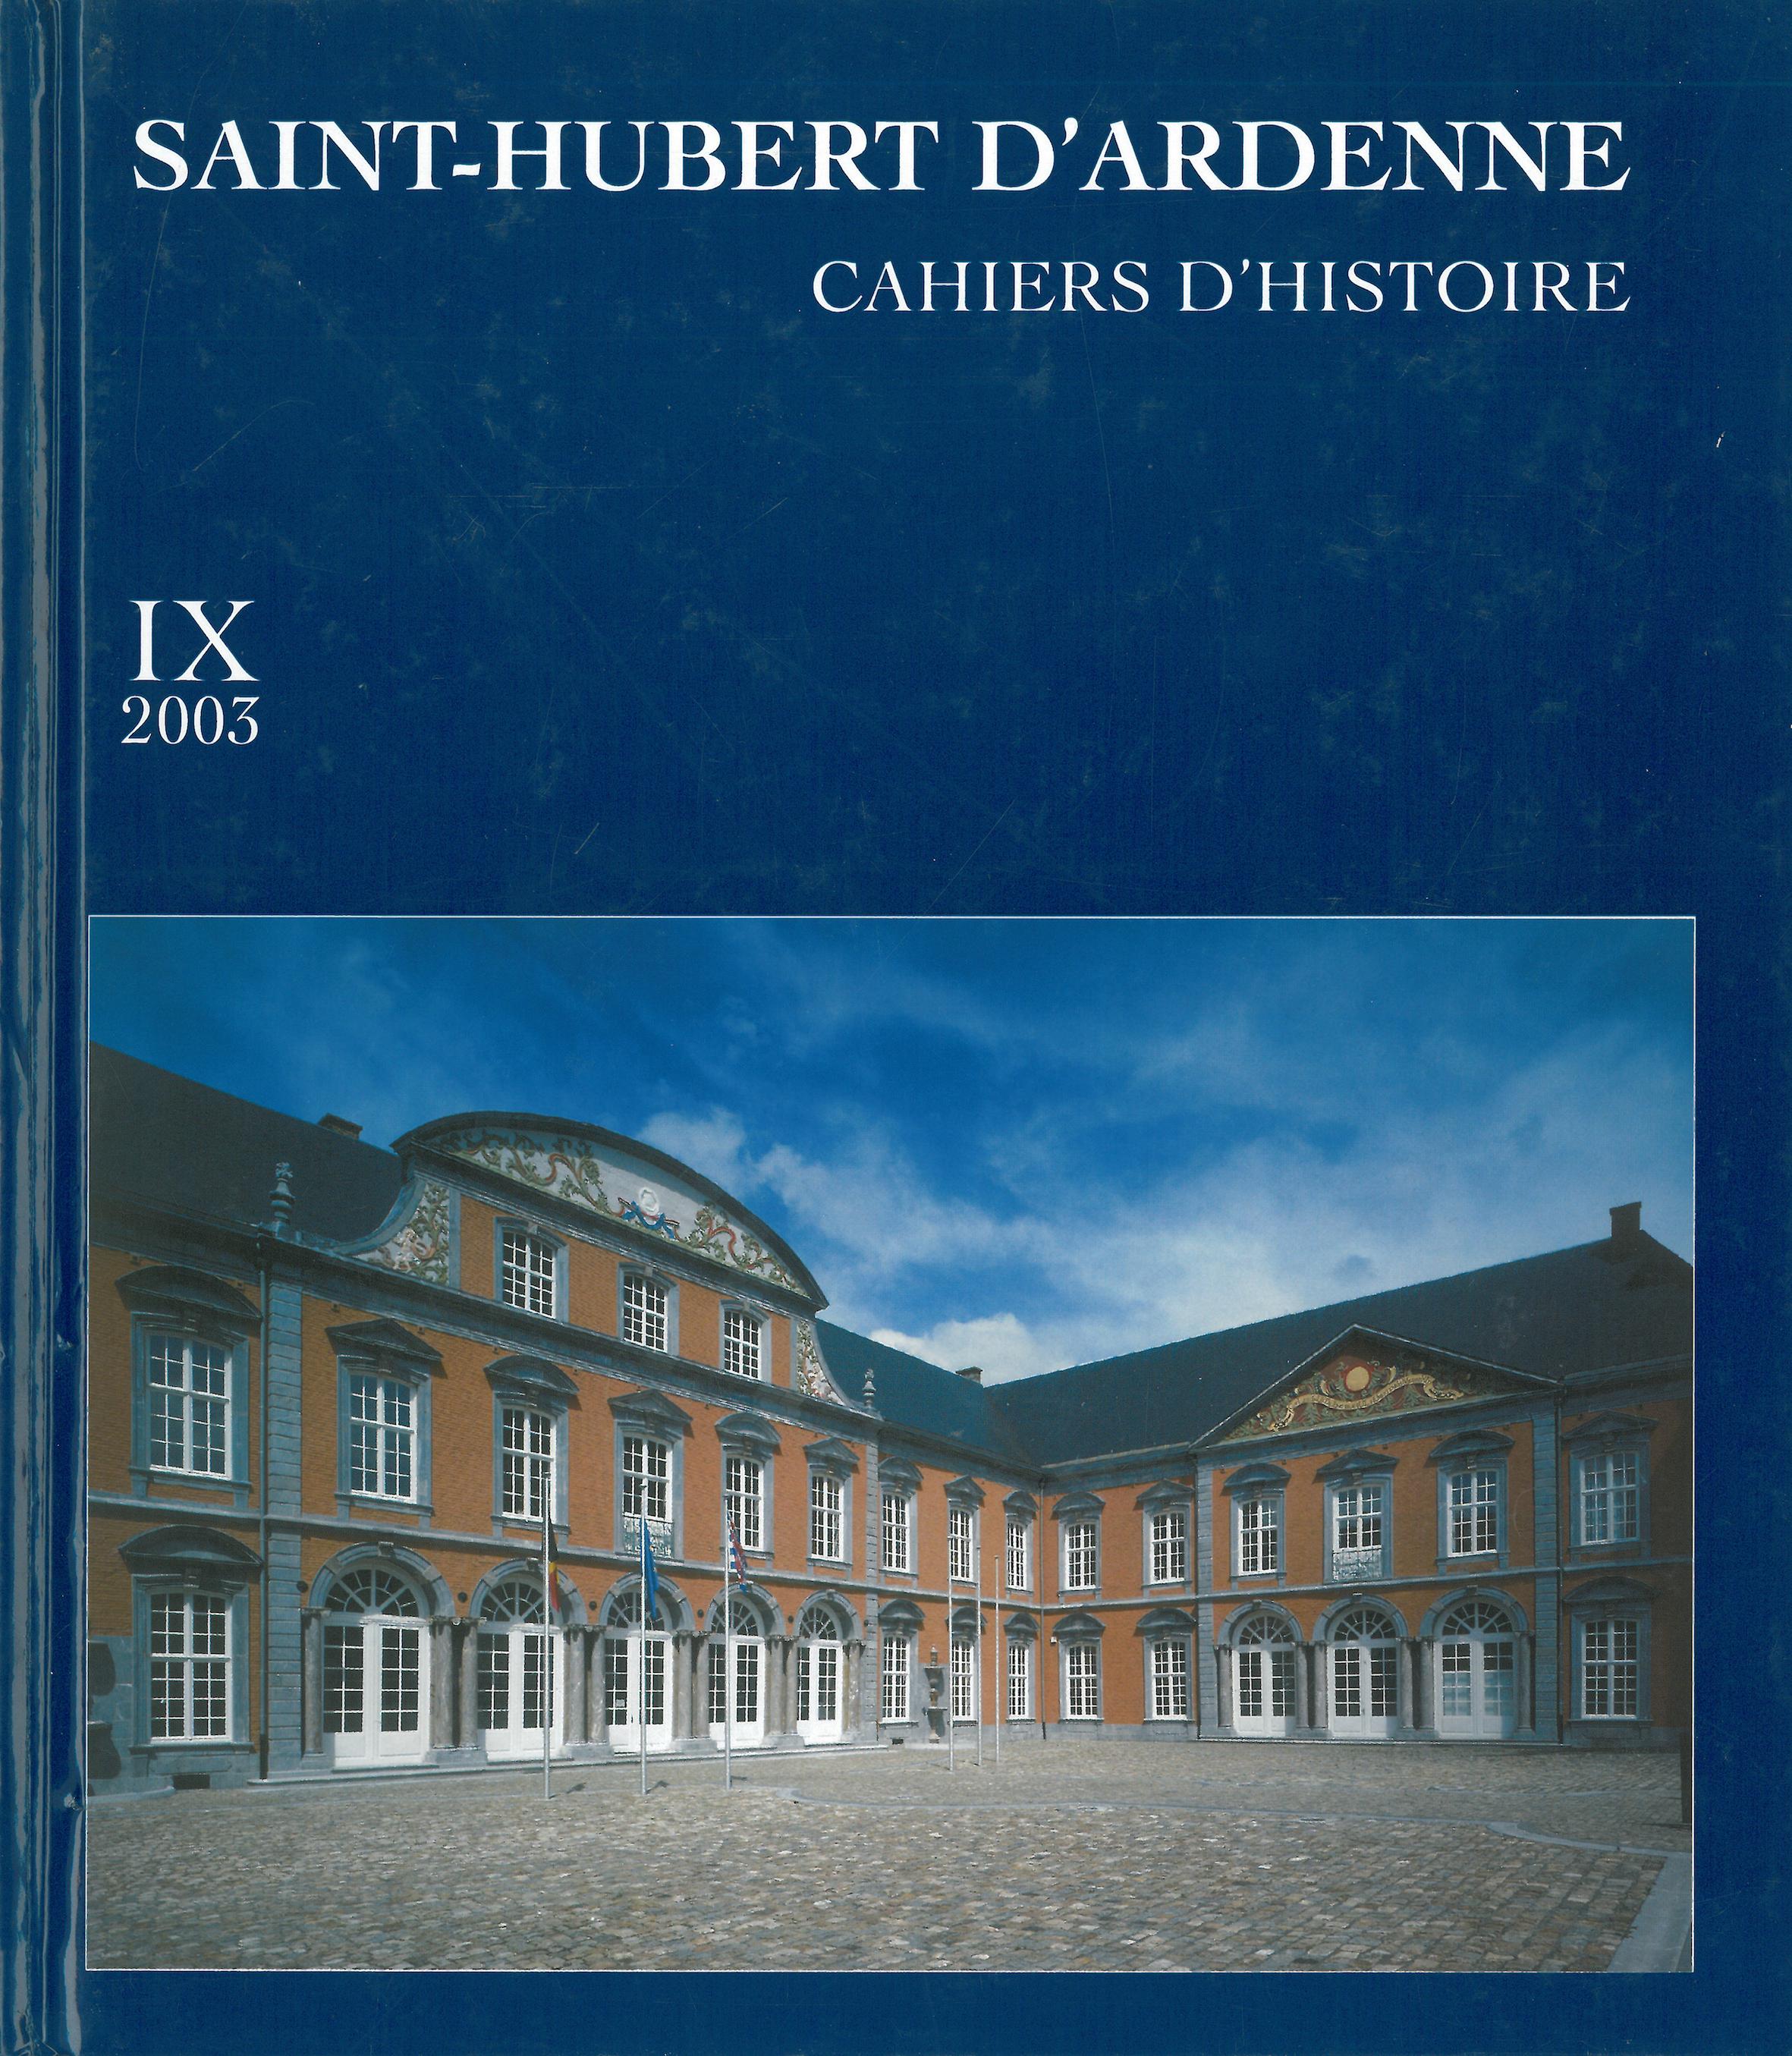 Saint-Hubert d'Ardenne – Cahiers d'histoire IX 2003